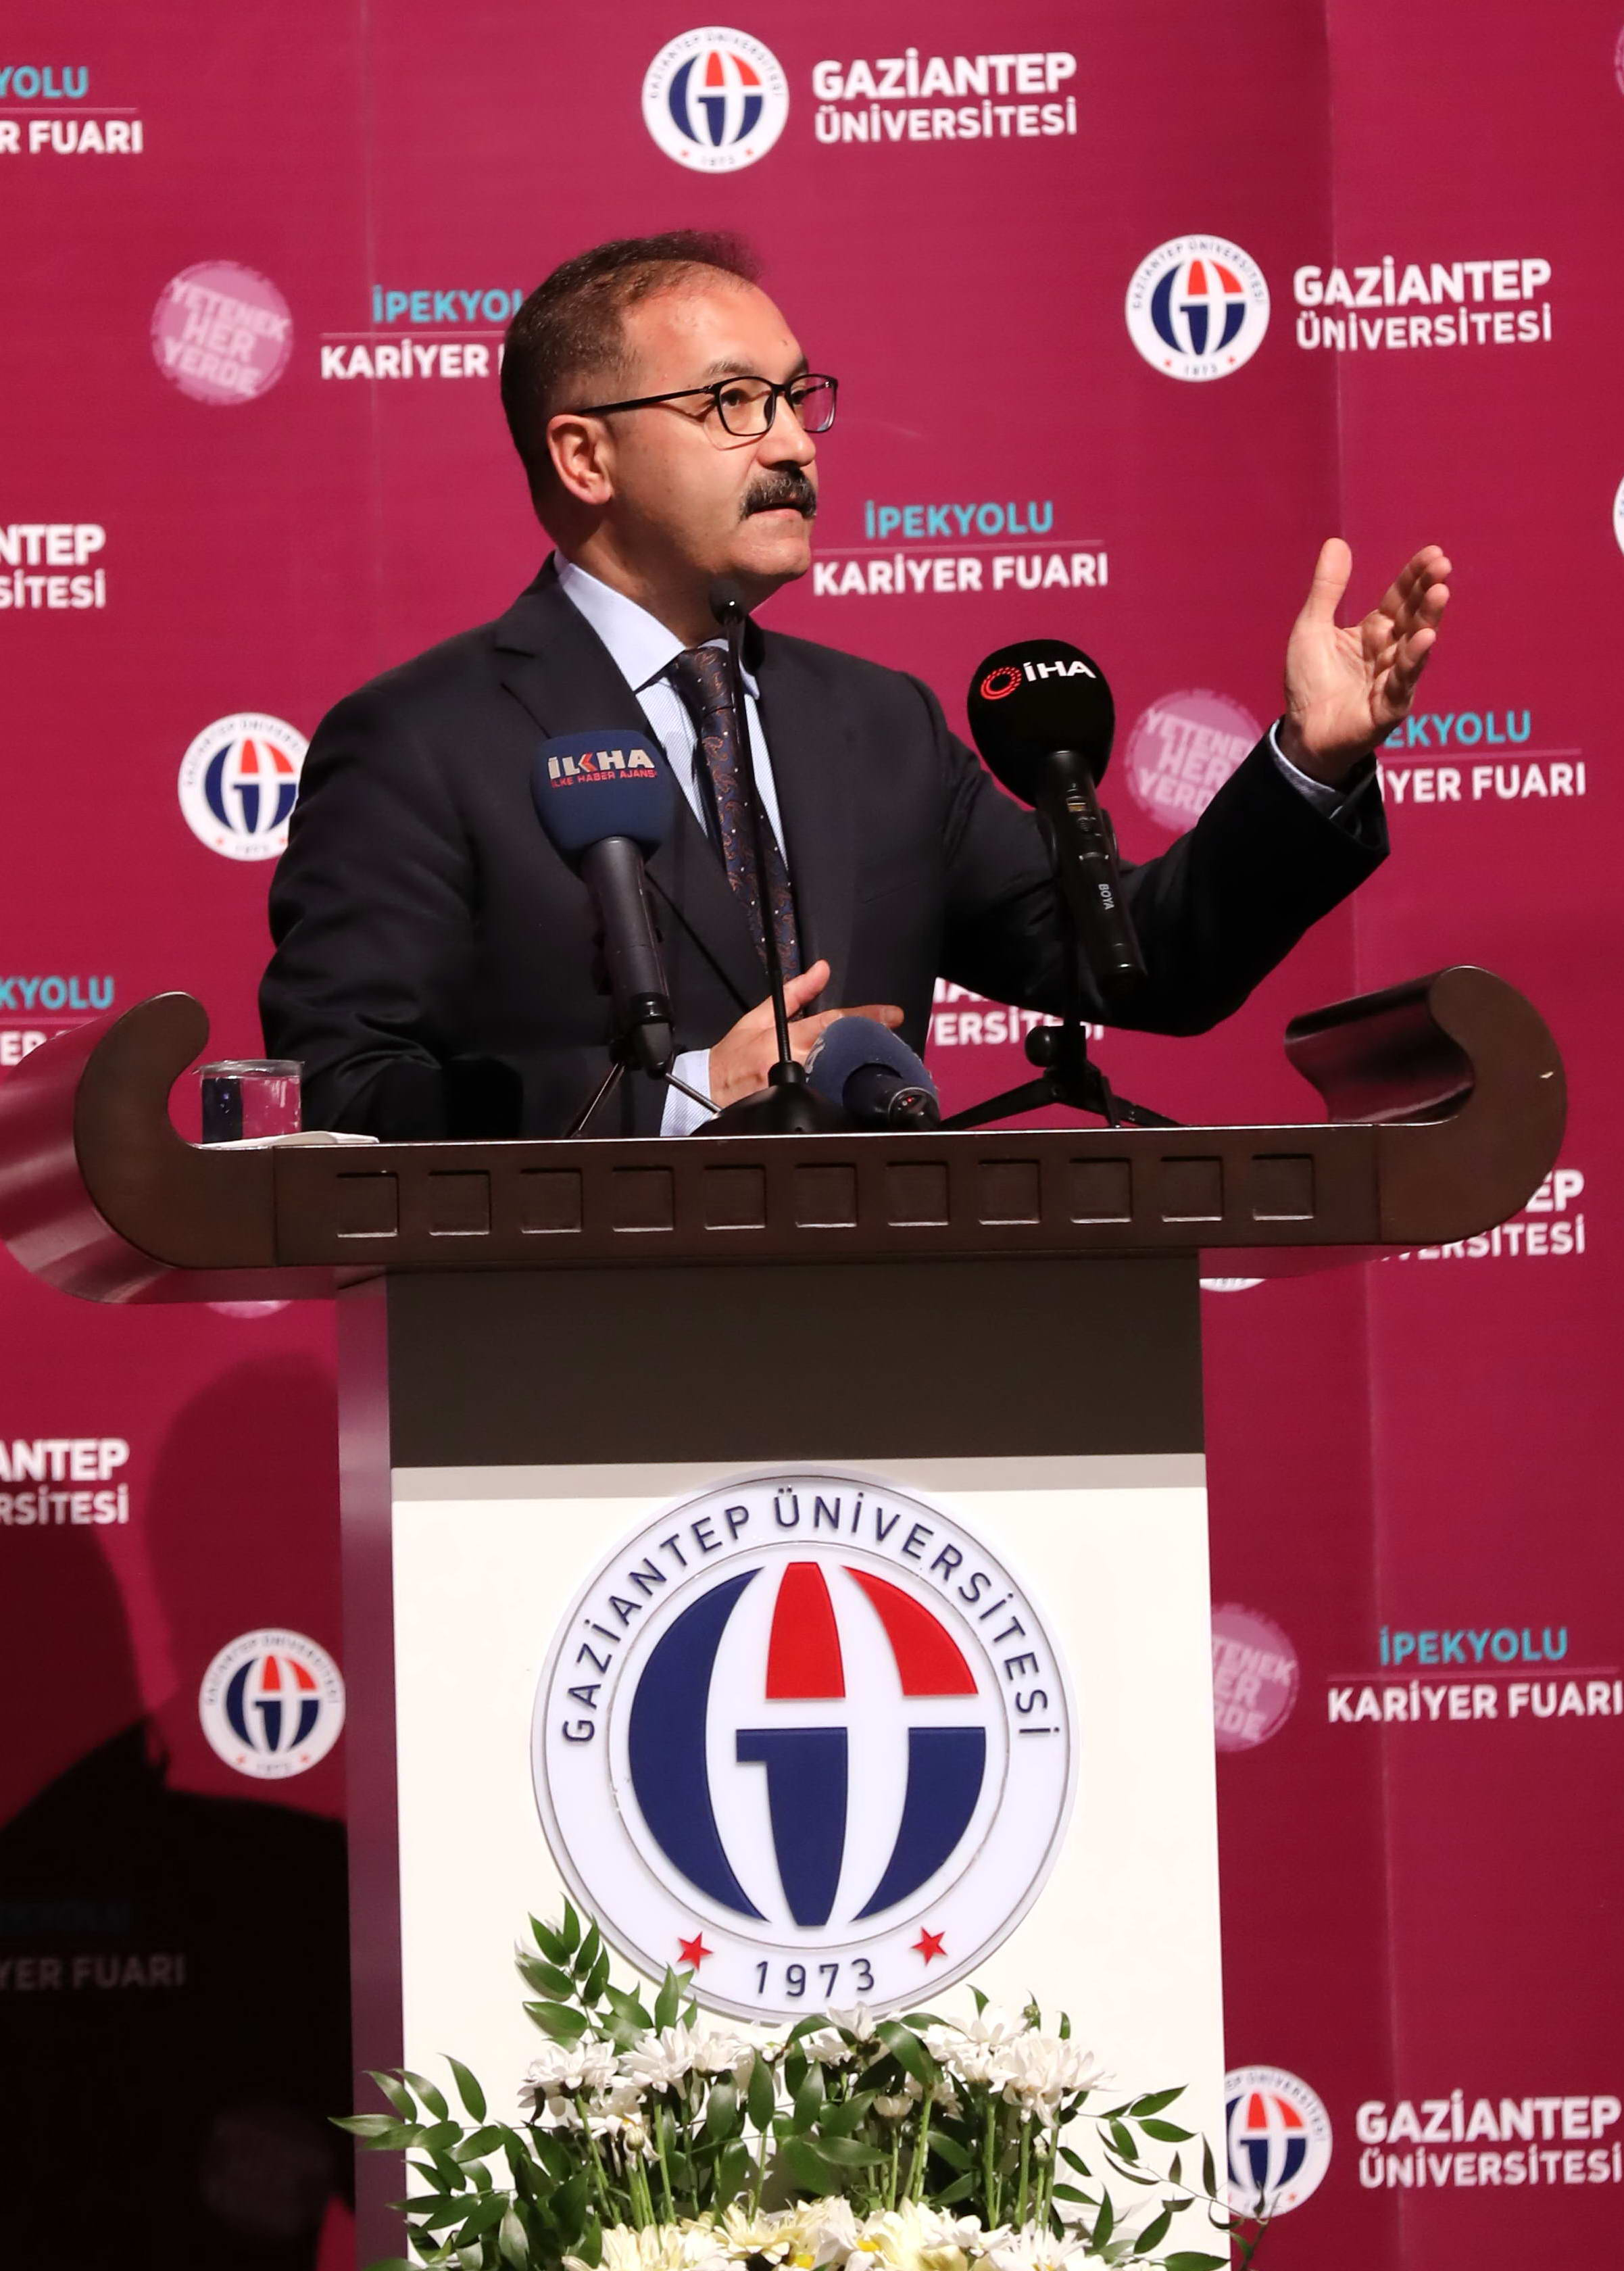 GAÜN'DE BÖLGENİN EN BÜYÜK KARİYER FUARI -  (Prof.Dr.Ali Gür)